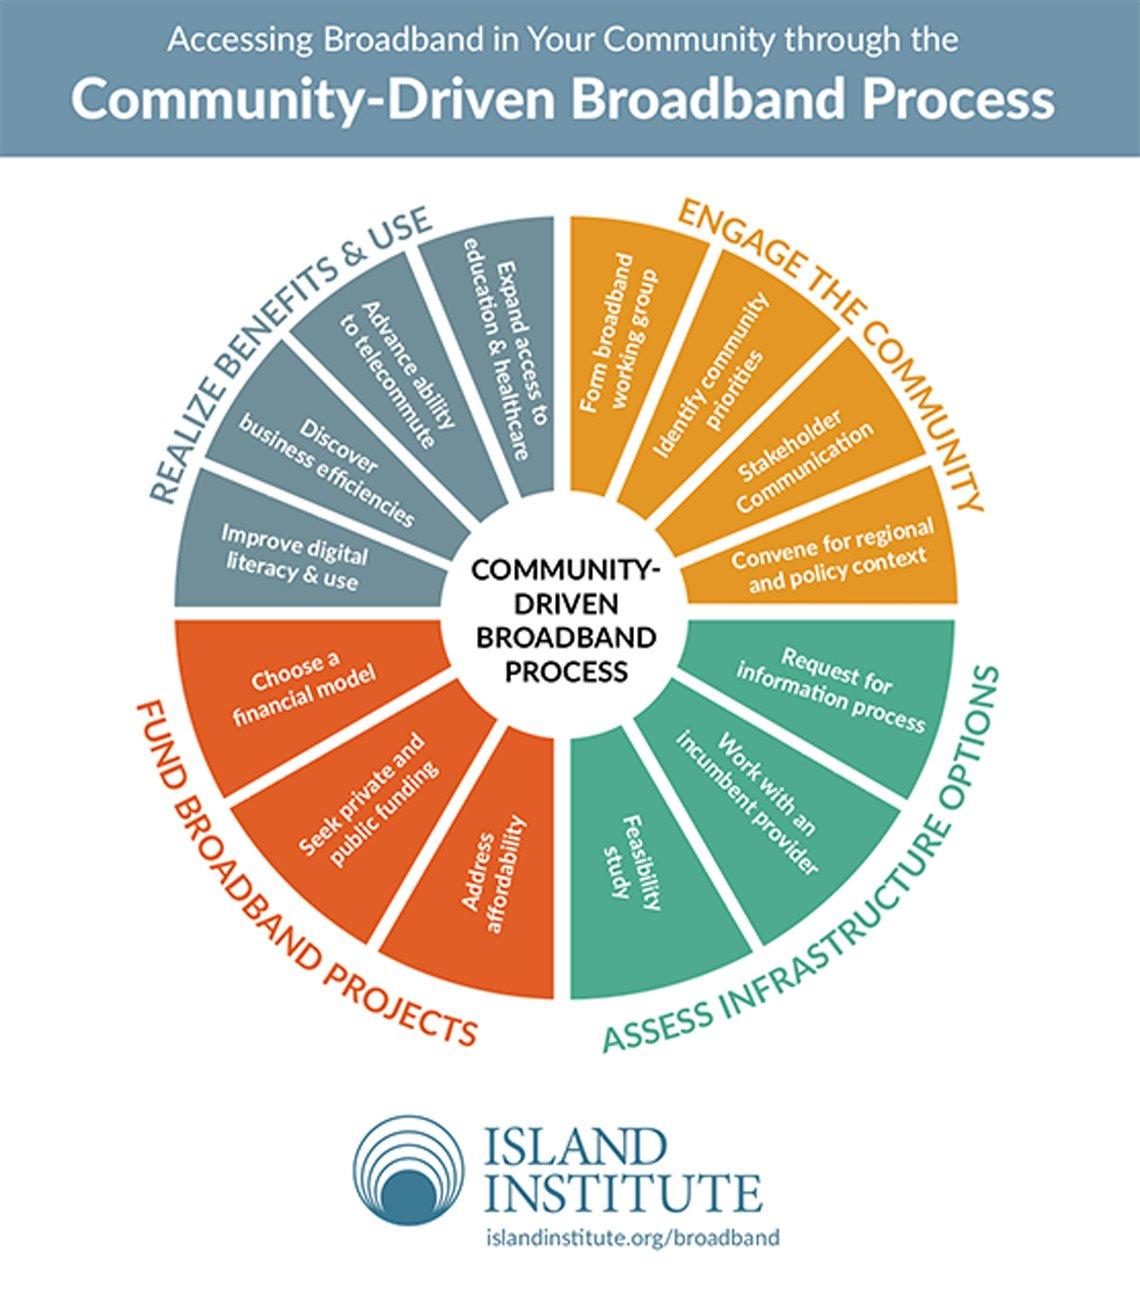 Community-Driven Broadband Process chart